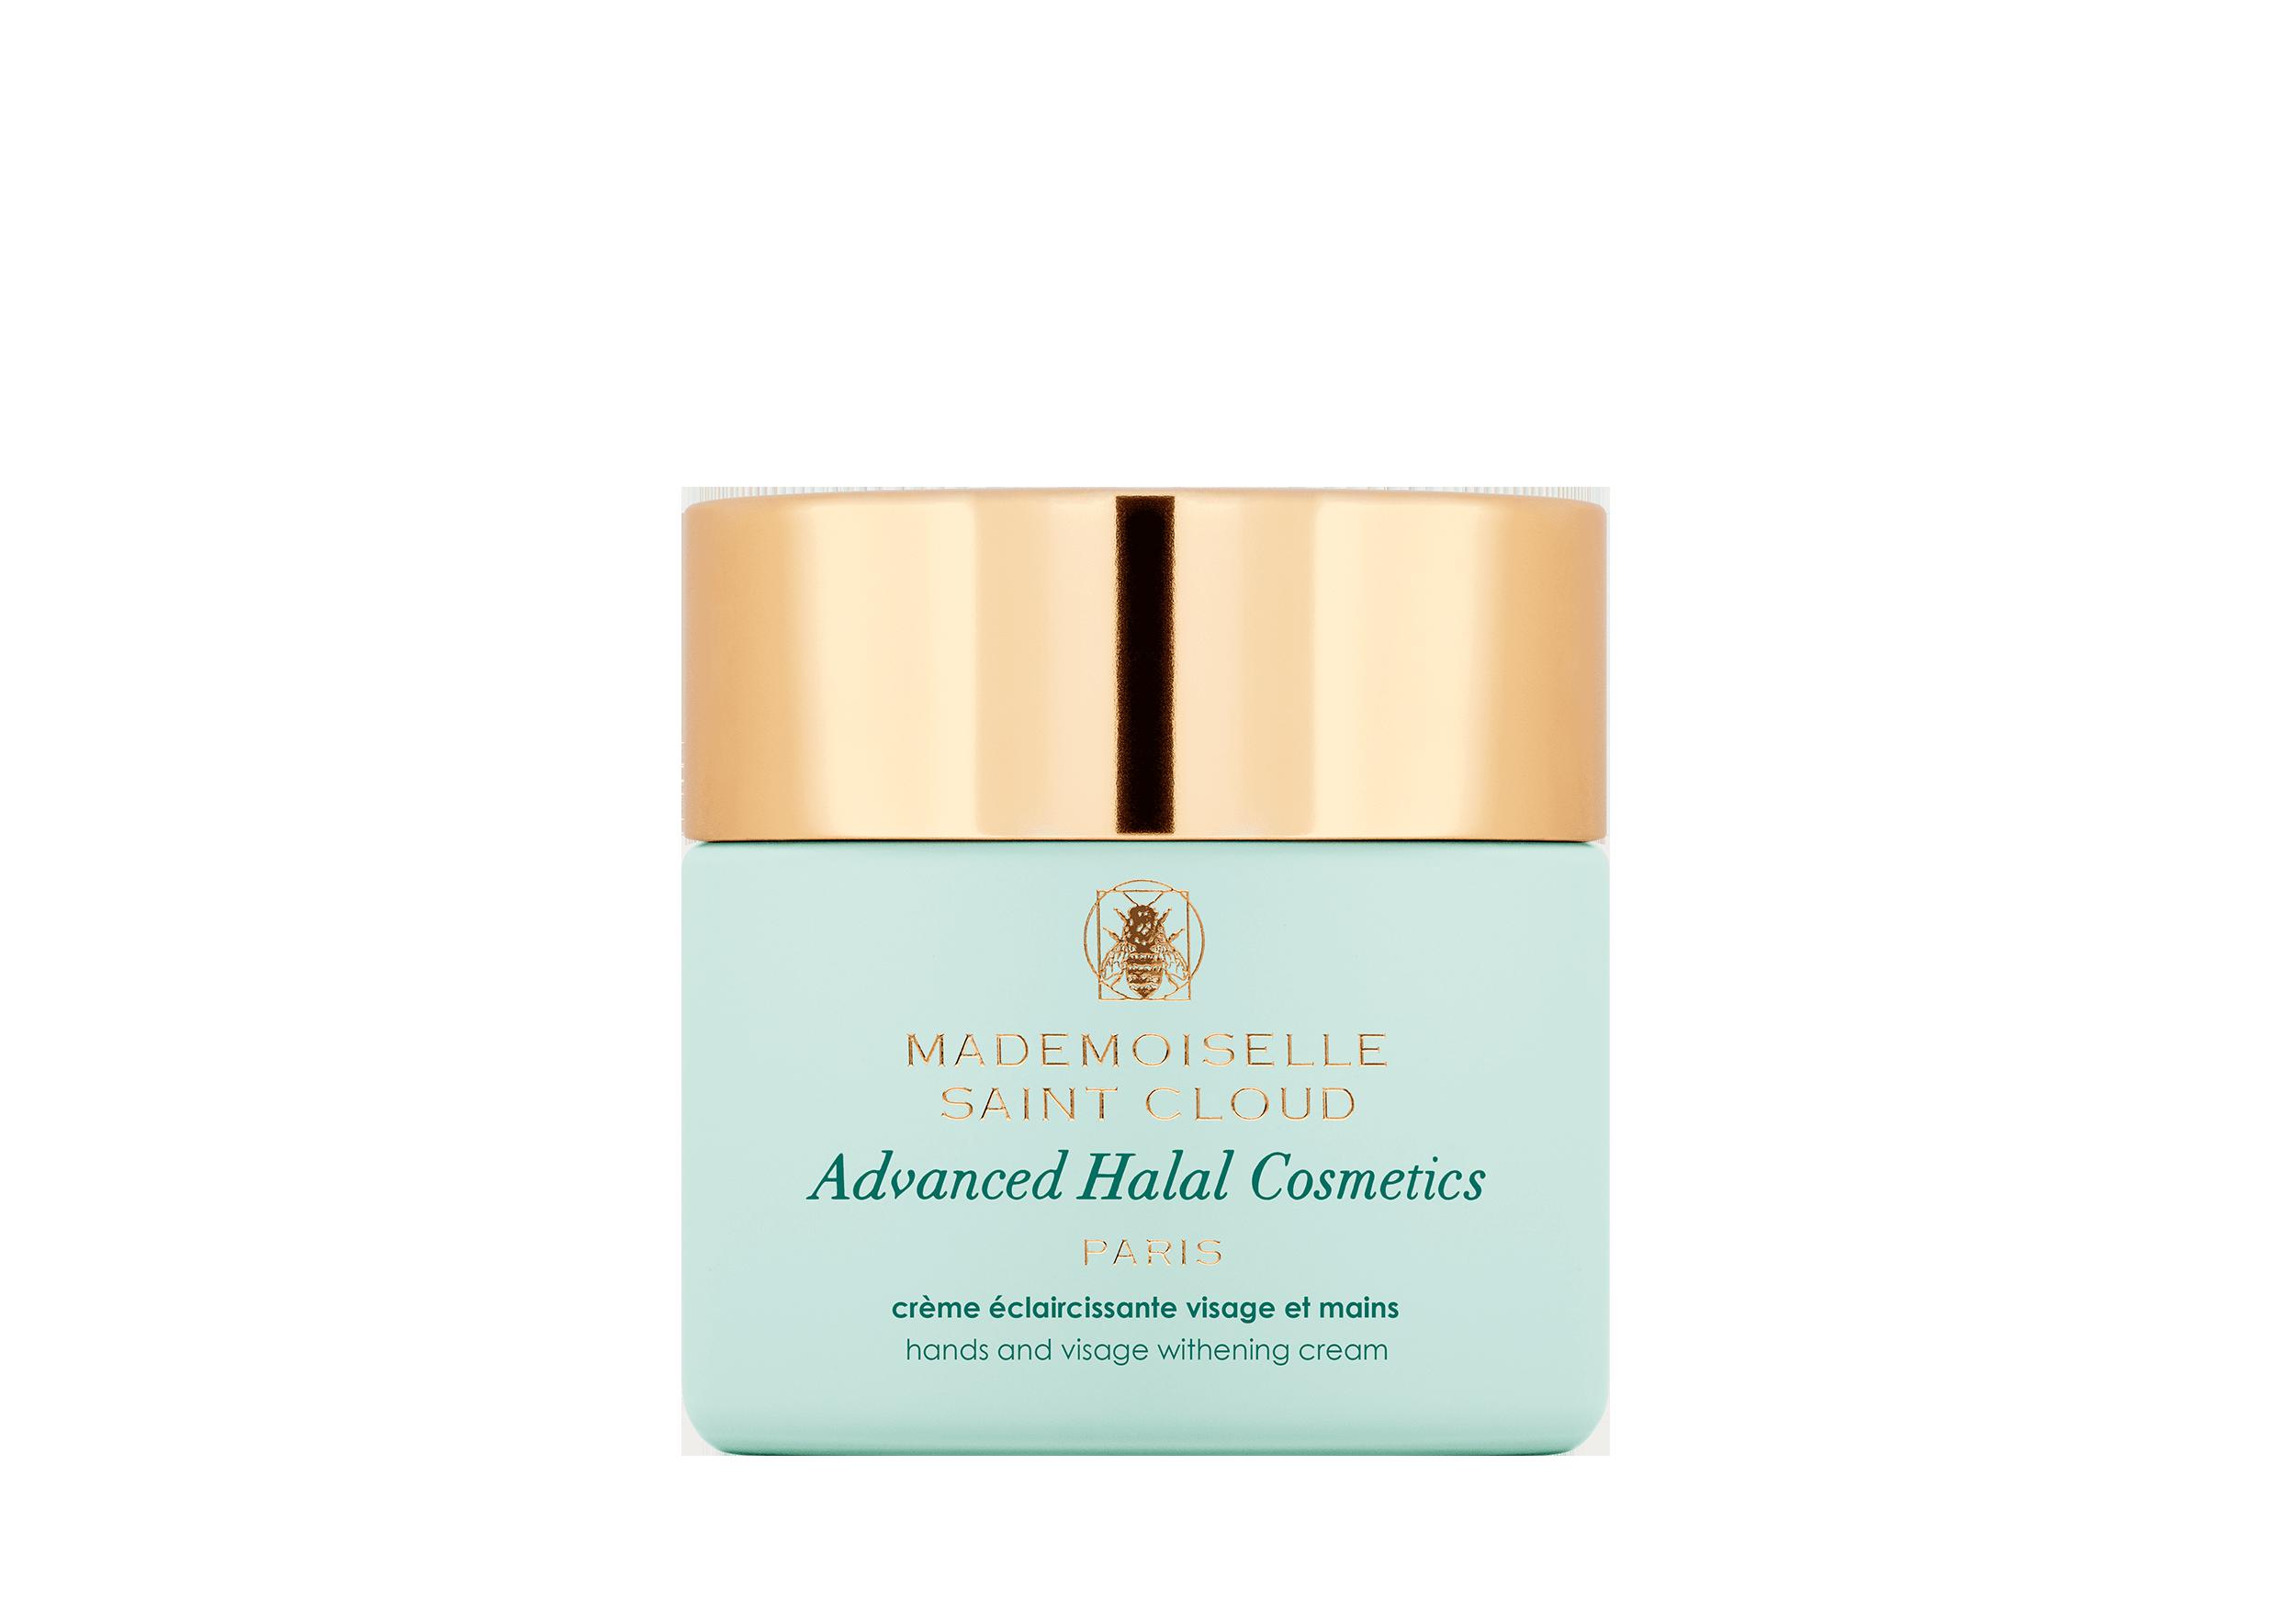 MademoiselleStCloud Crème éclaircissante visage et mains